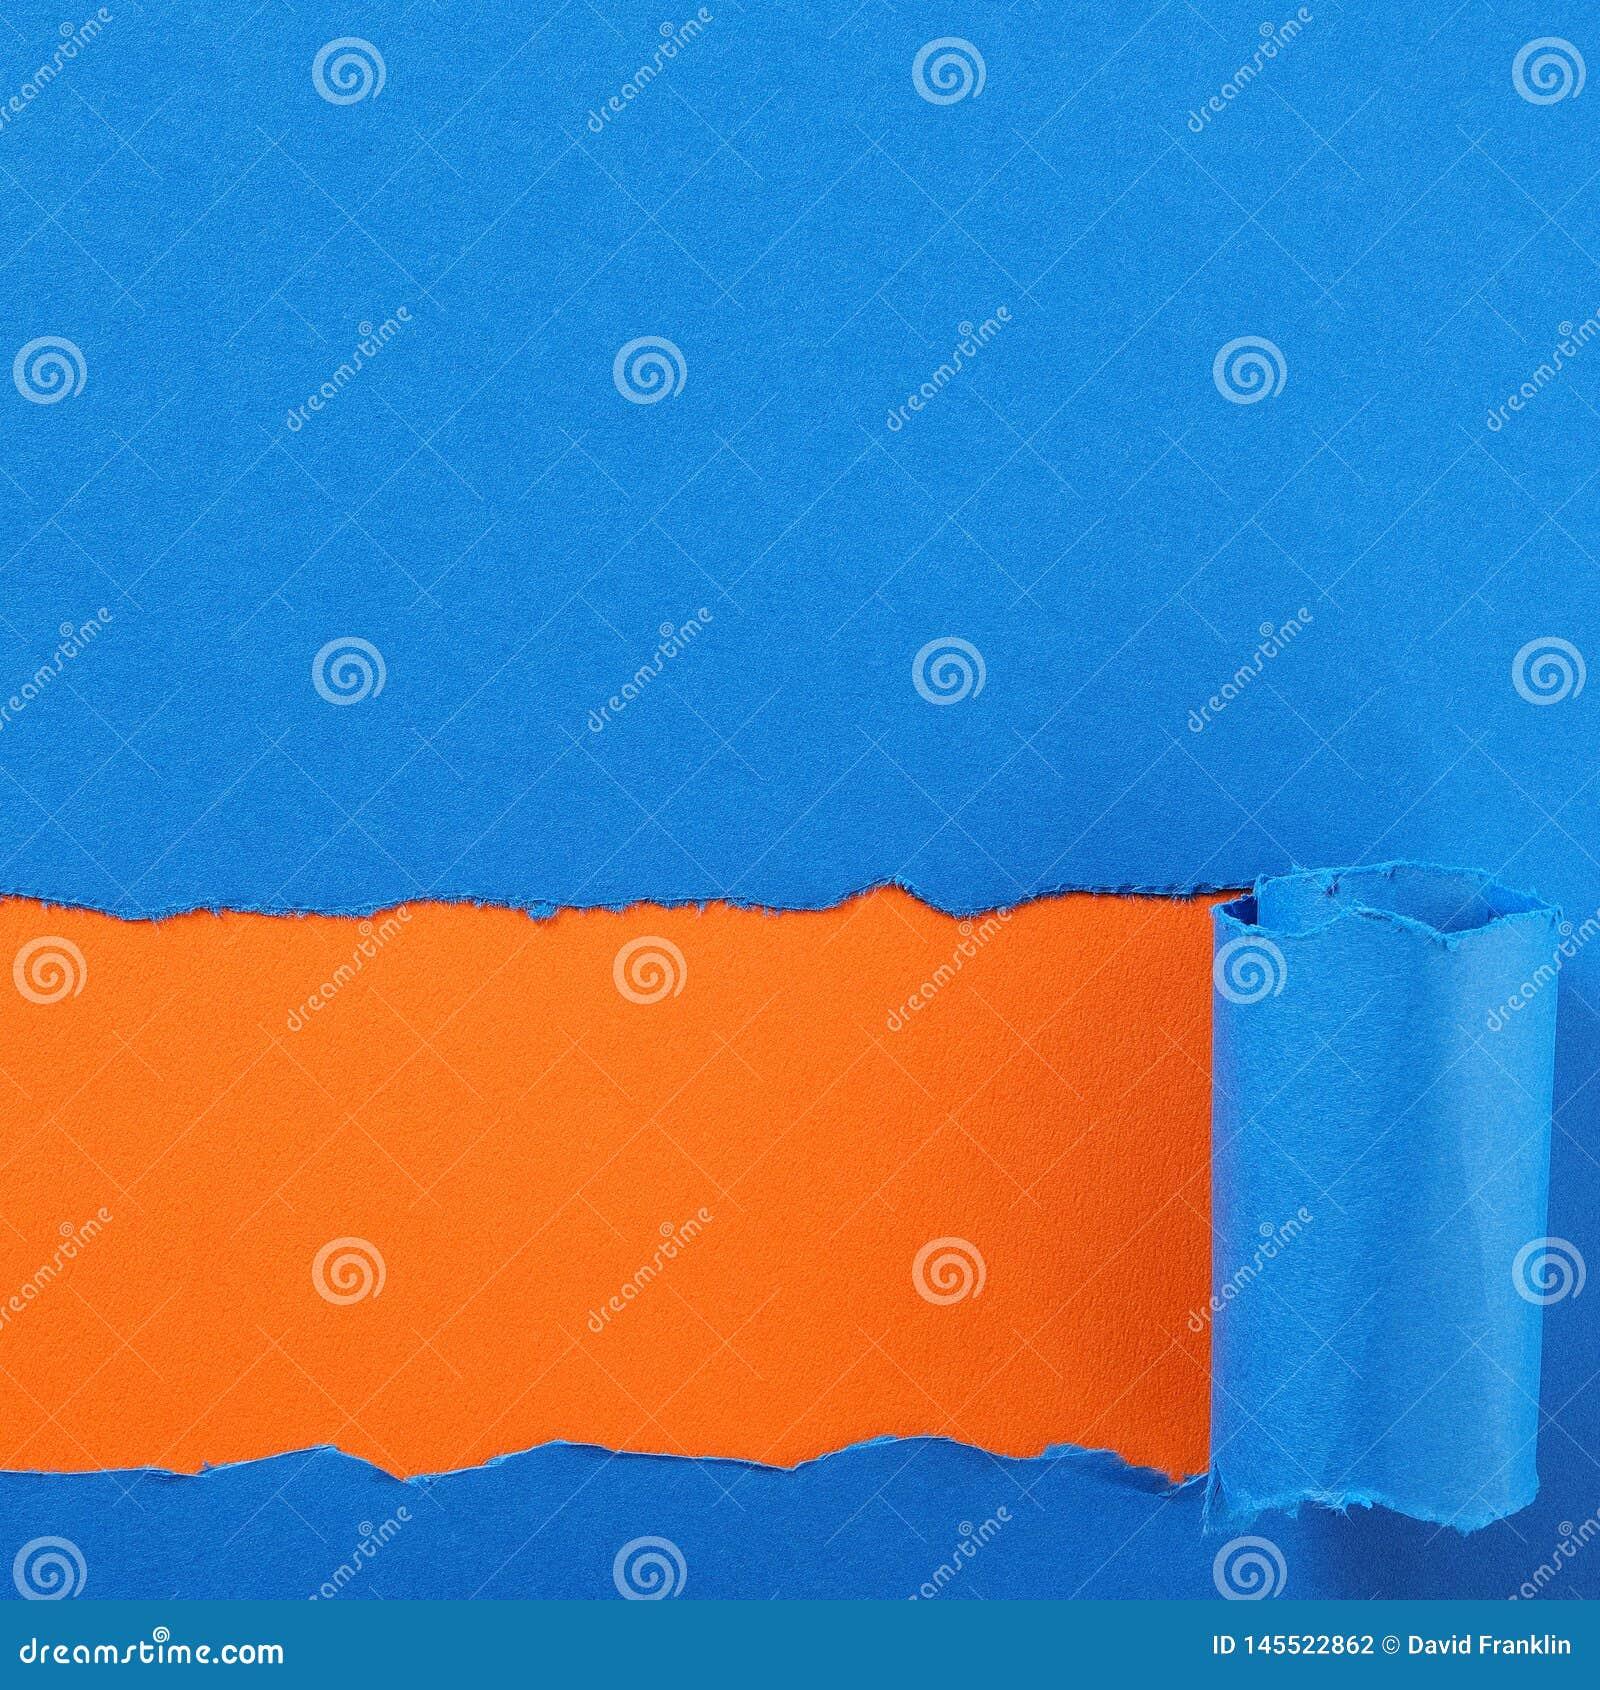 Gescheurd blauw document strook oranje vierkant als achtergrond